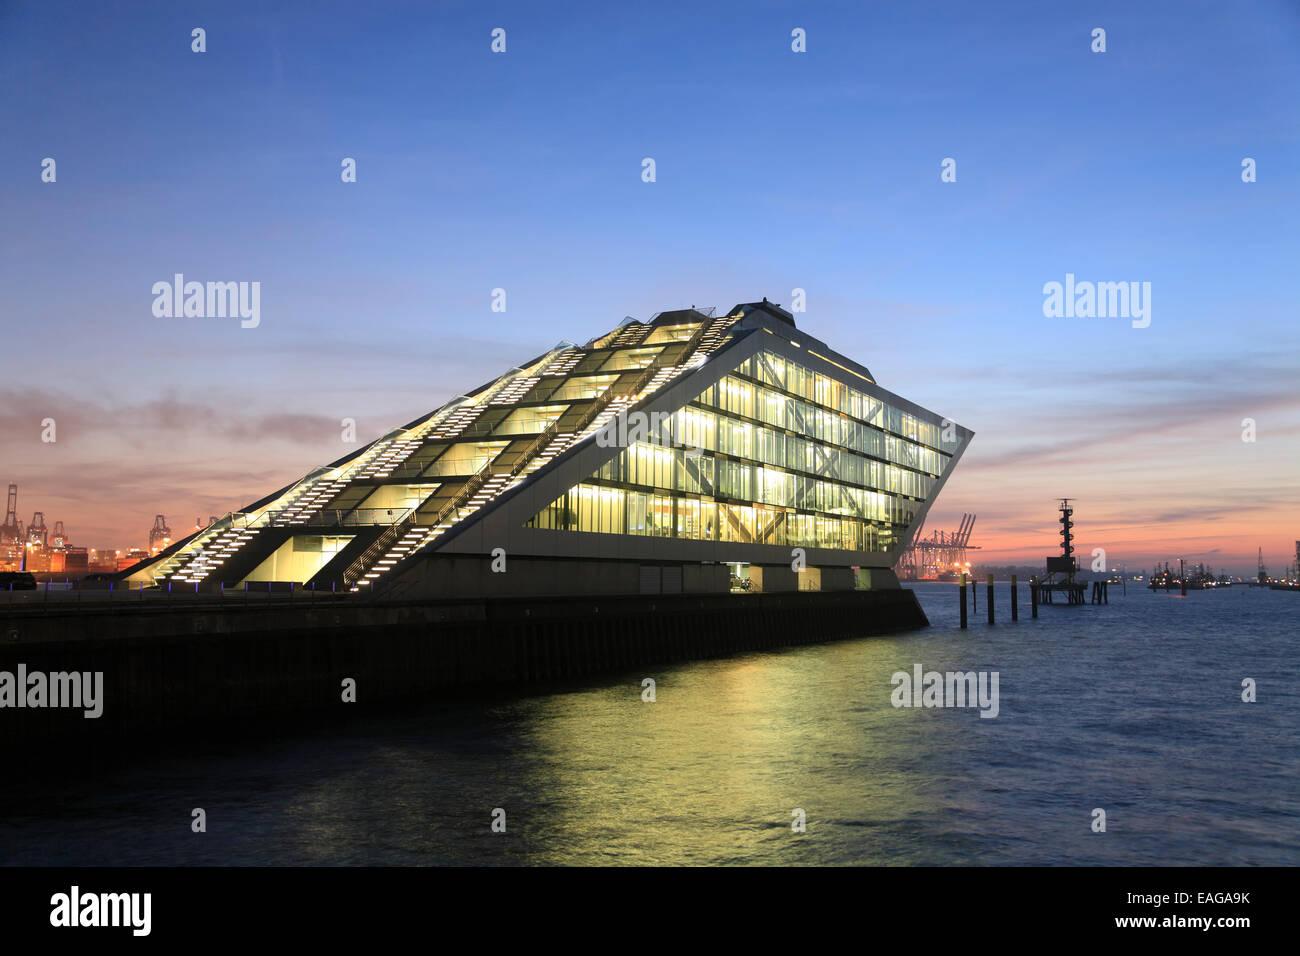 Das moderne Bürogebäude DOCKLAND am Fluss Elbe, Hamburg, Deutschland, Europa Stockbild